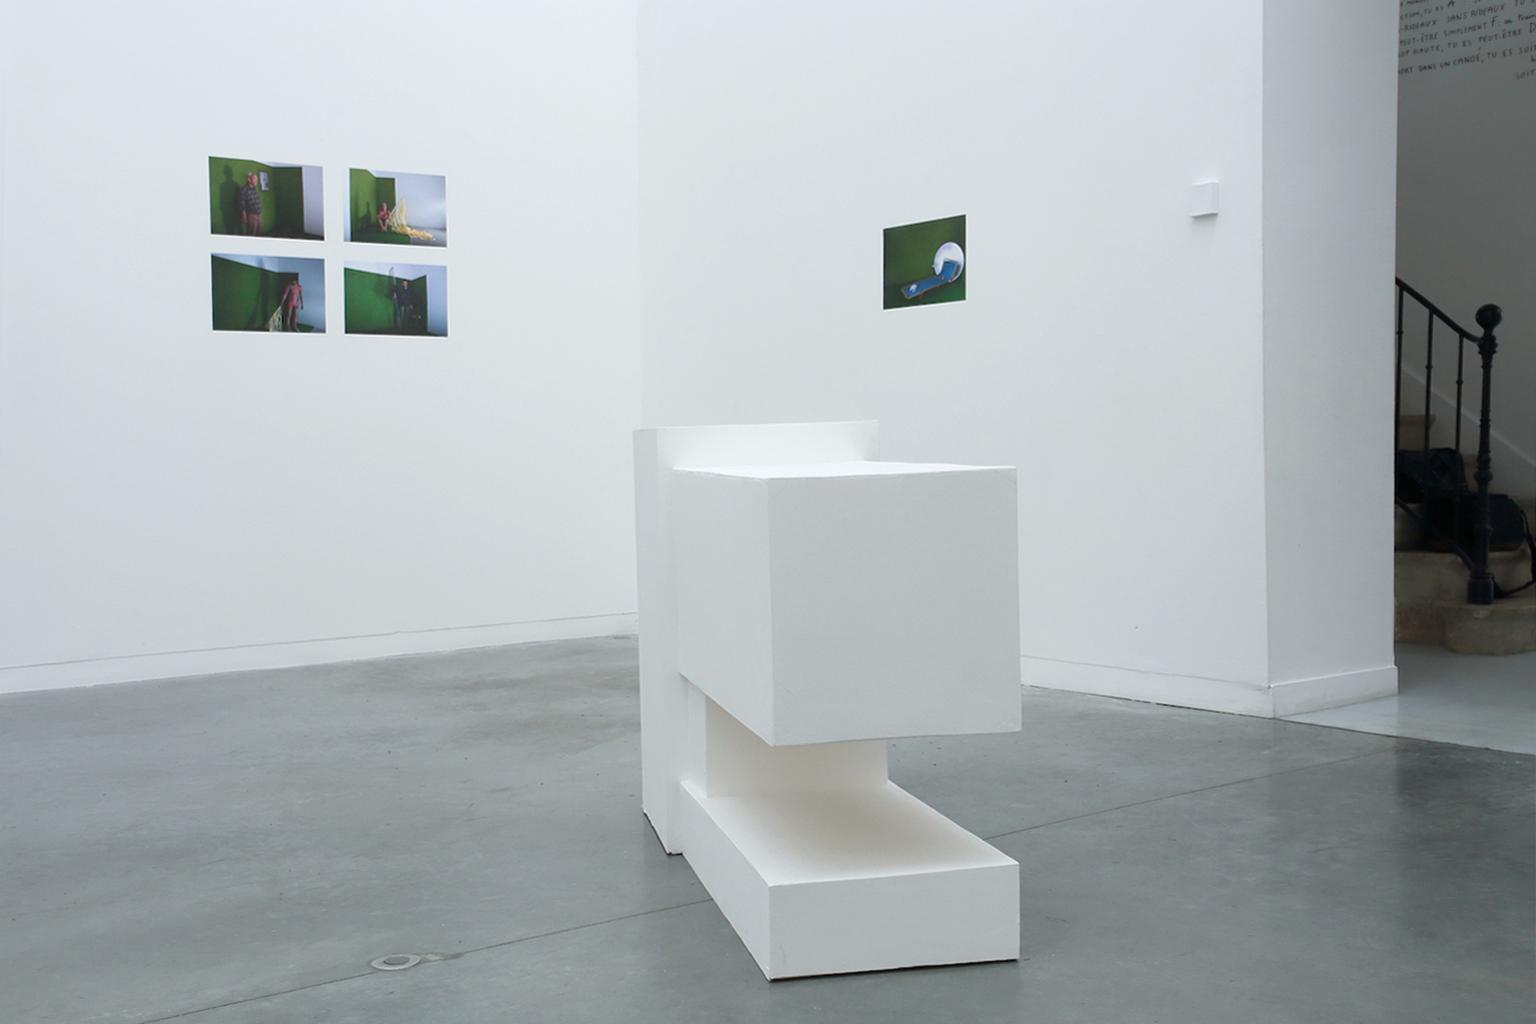 Structure de Jérémy Liron (1er plan) Photographies de Emma Charrin et Olivier Muller (2ème plan) Exposition IMMERSION au CACL - mai 2015